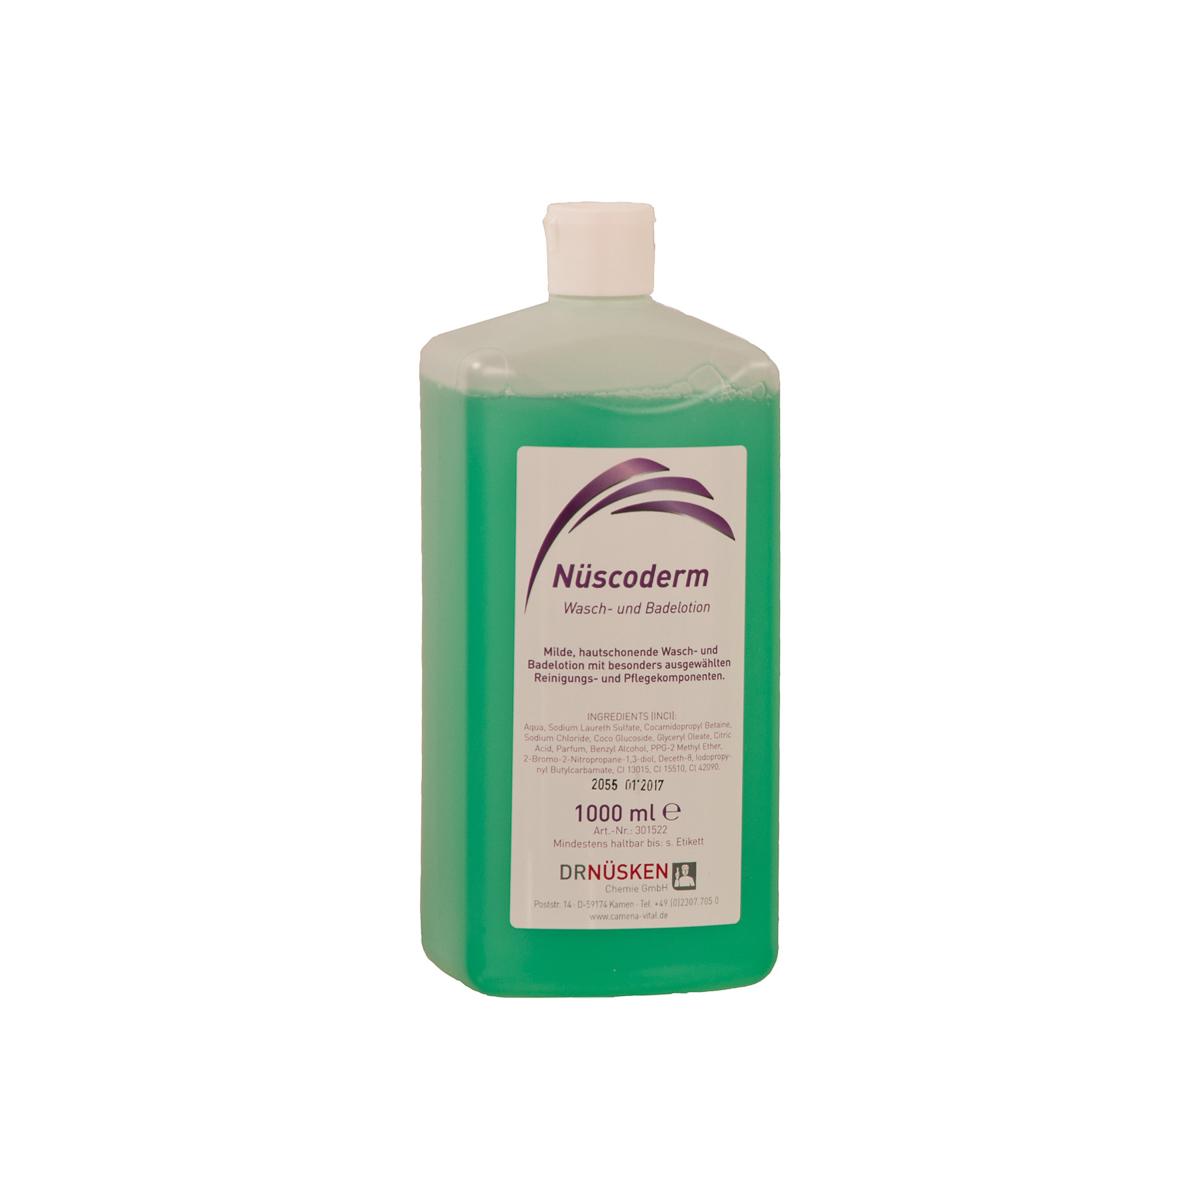 Nüscoderm Wasch- und Badelotion